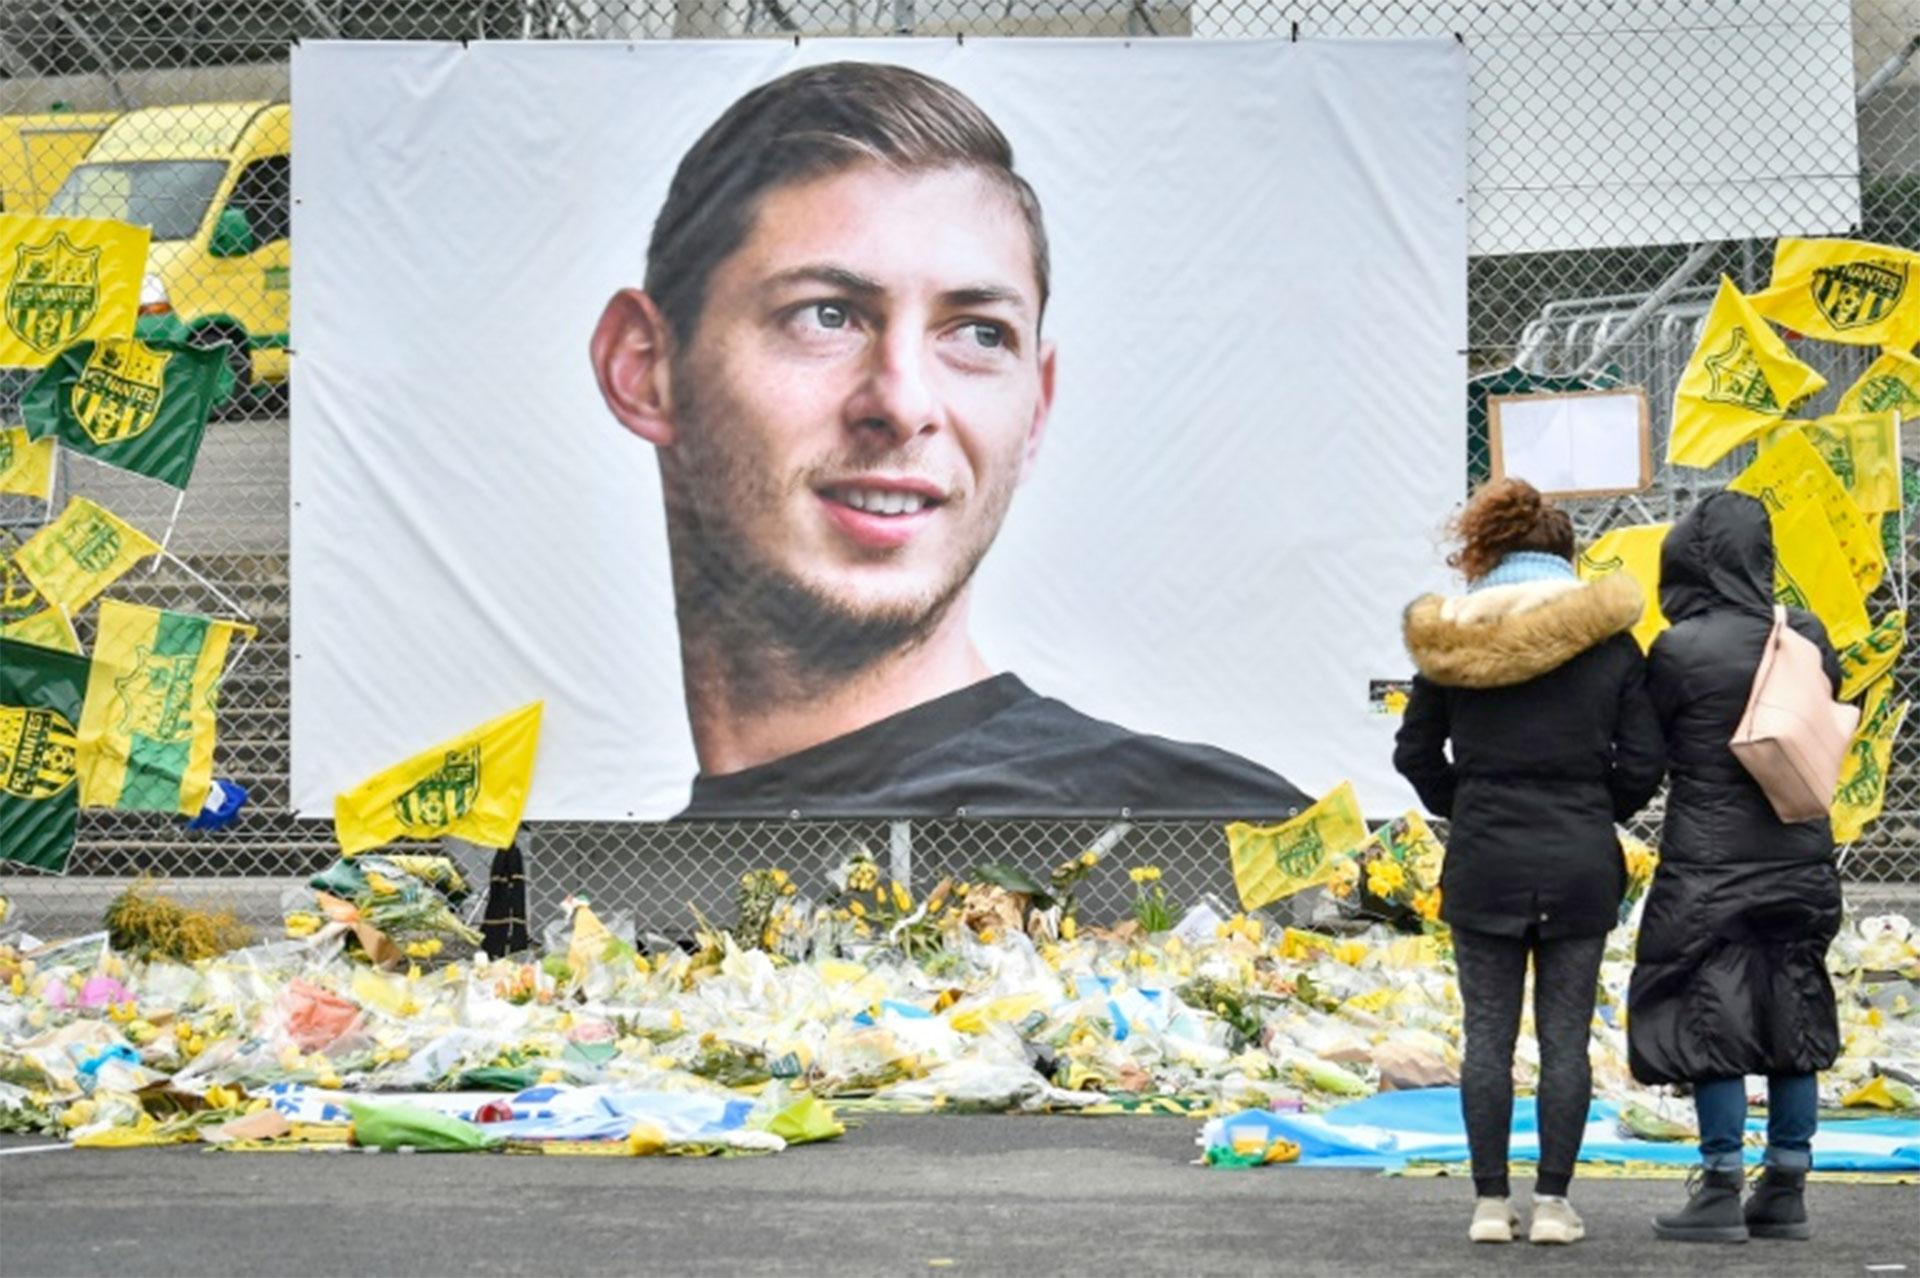 Flores en homenaje al argentino Emiliano Sala en el estadio Beauvoir de Nantes, Francia, el 8 de febrero de 2019 (AFP – LOIC VENANCE)